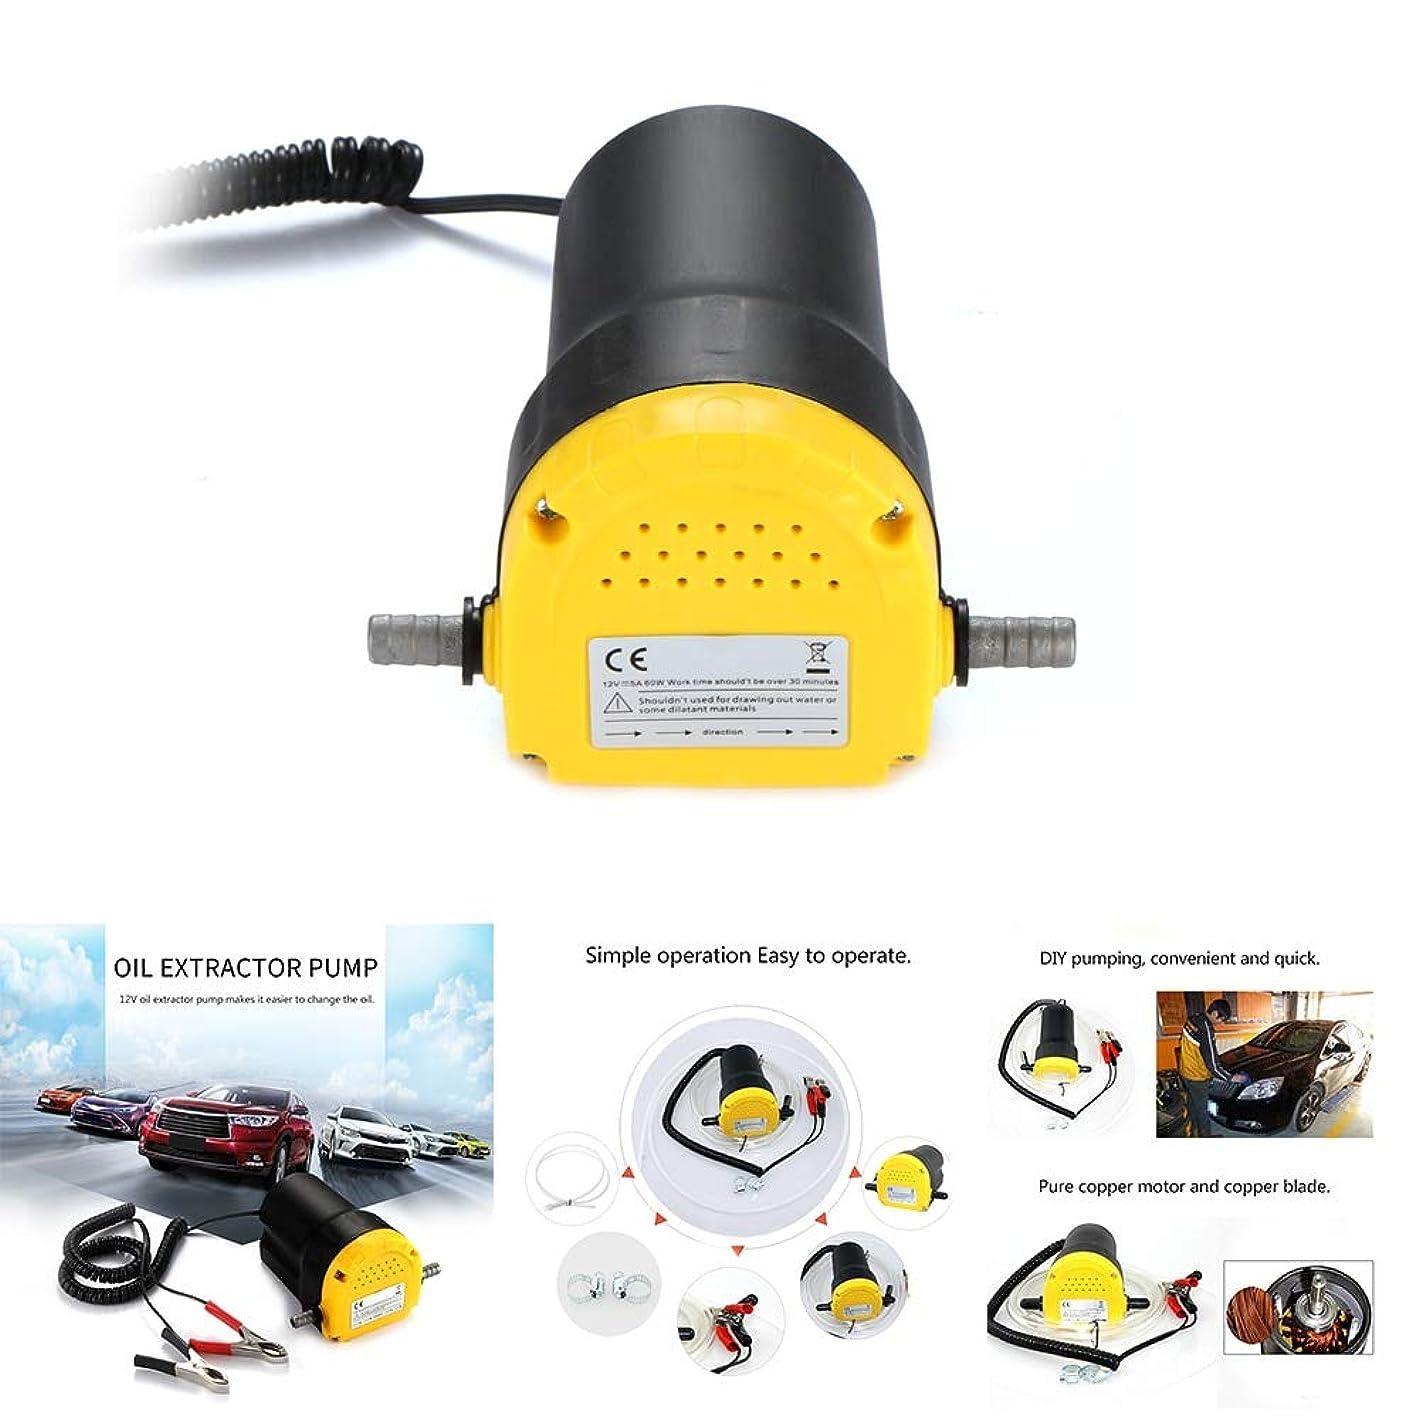 鯨サービスどれかポンプディーゼルおよびガソリンのための12V 5Aオイルトランスファーポンプディーゼル燃料エンジンオイル抽出器トランスファーポンプ